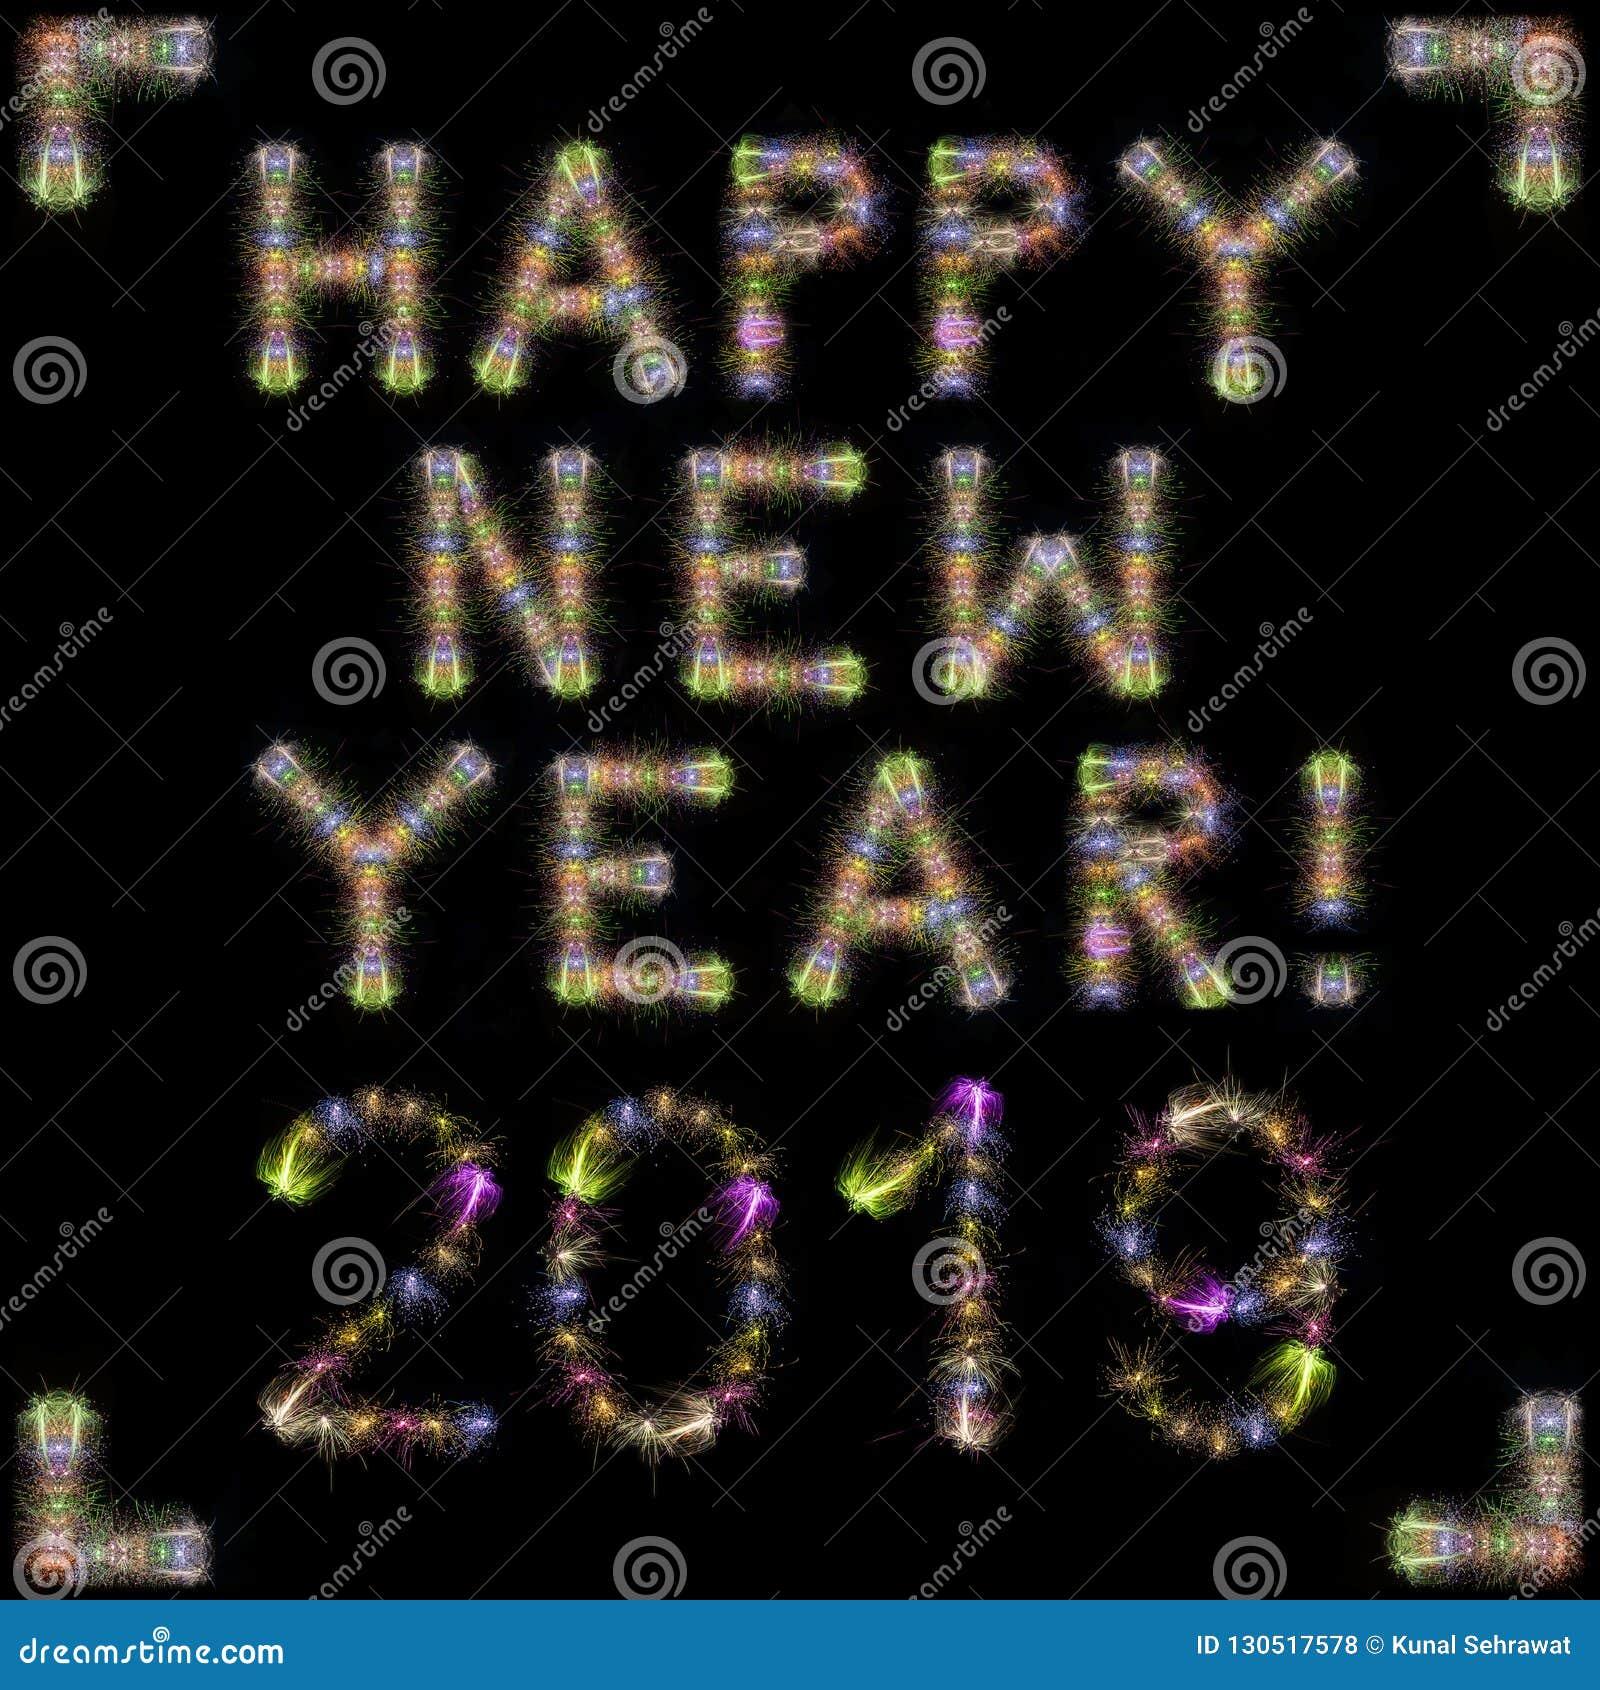 С Новым Годом! 2019 красочных сверкная фейерверков придают квадратную форму черному sk